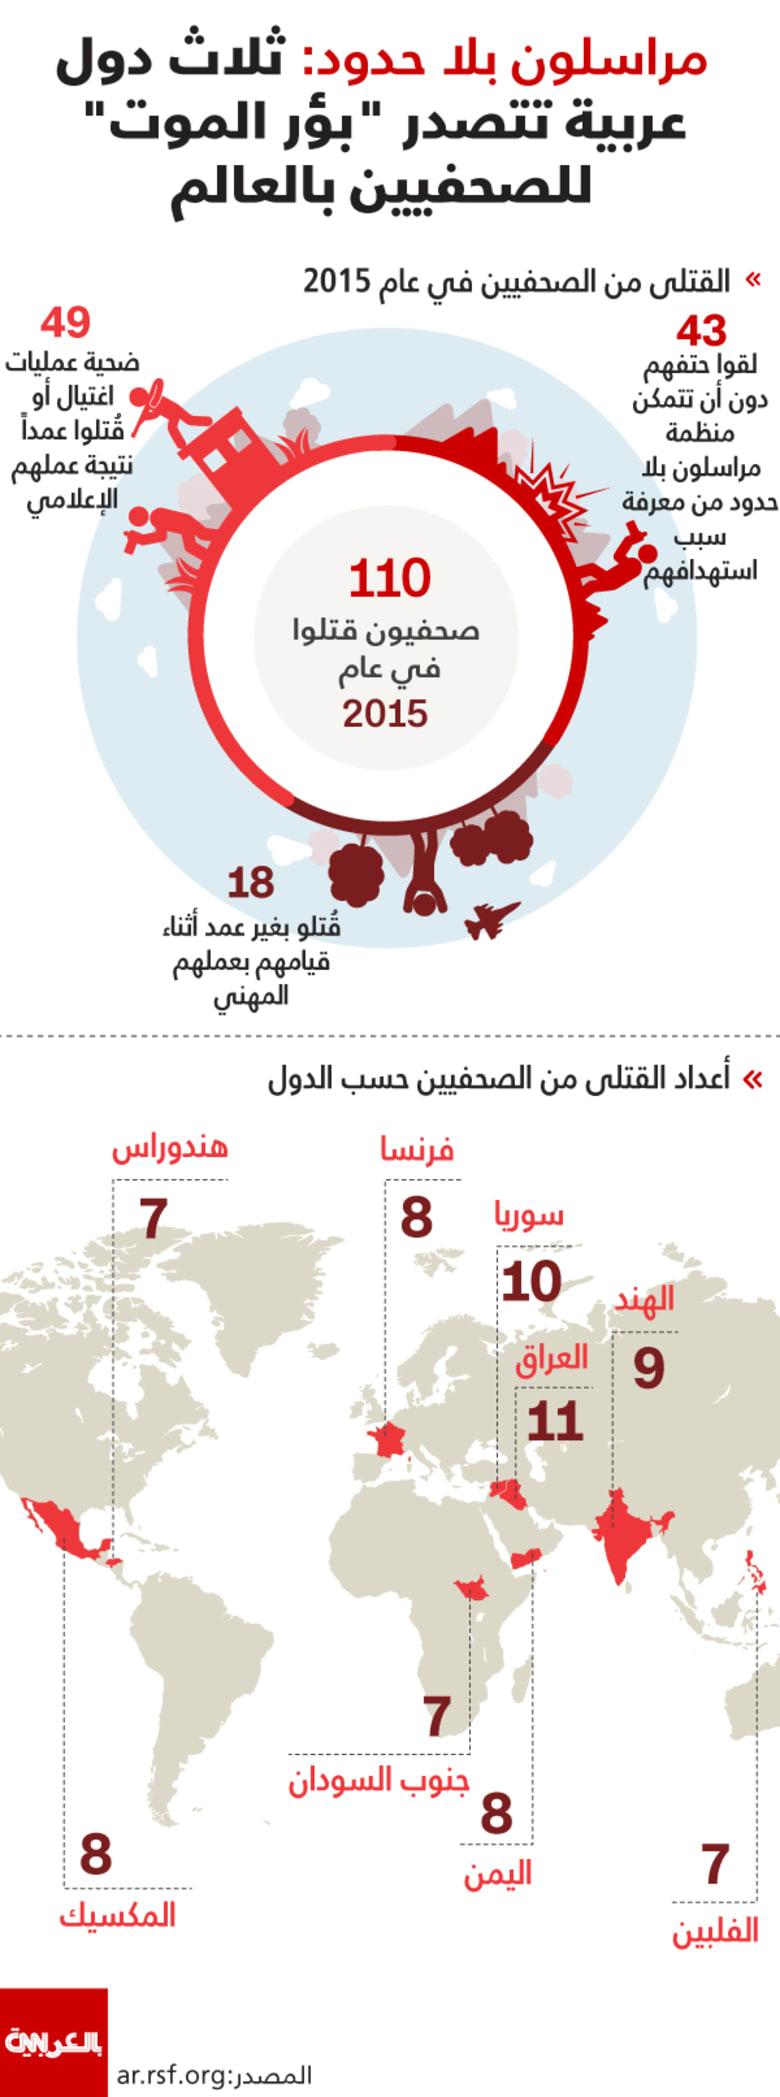 """مراسلون بلا حدود: ثلاث دول عربية تتصدر """"بؤر الموت"""" للصحفيين بالعالم"""